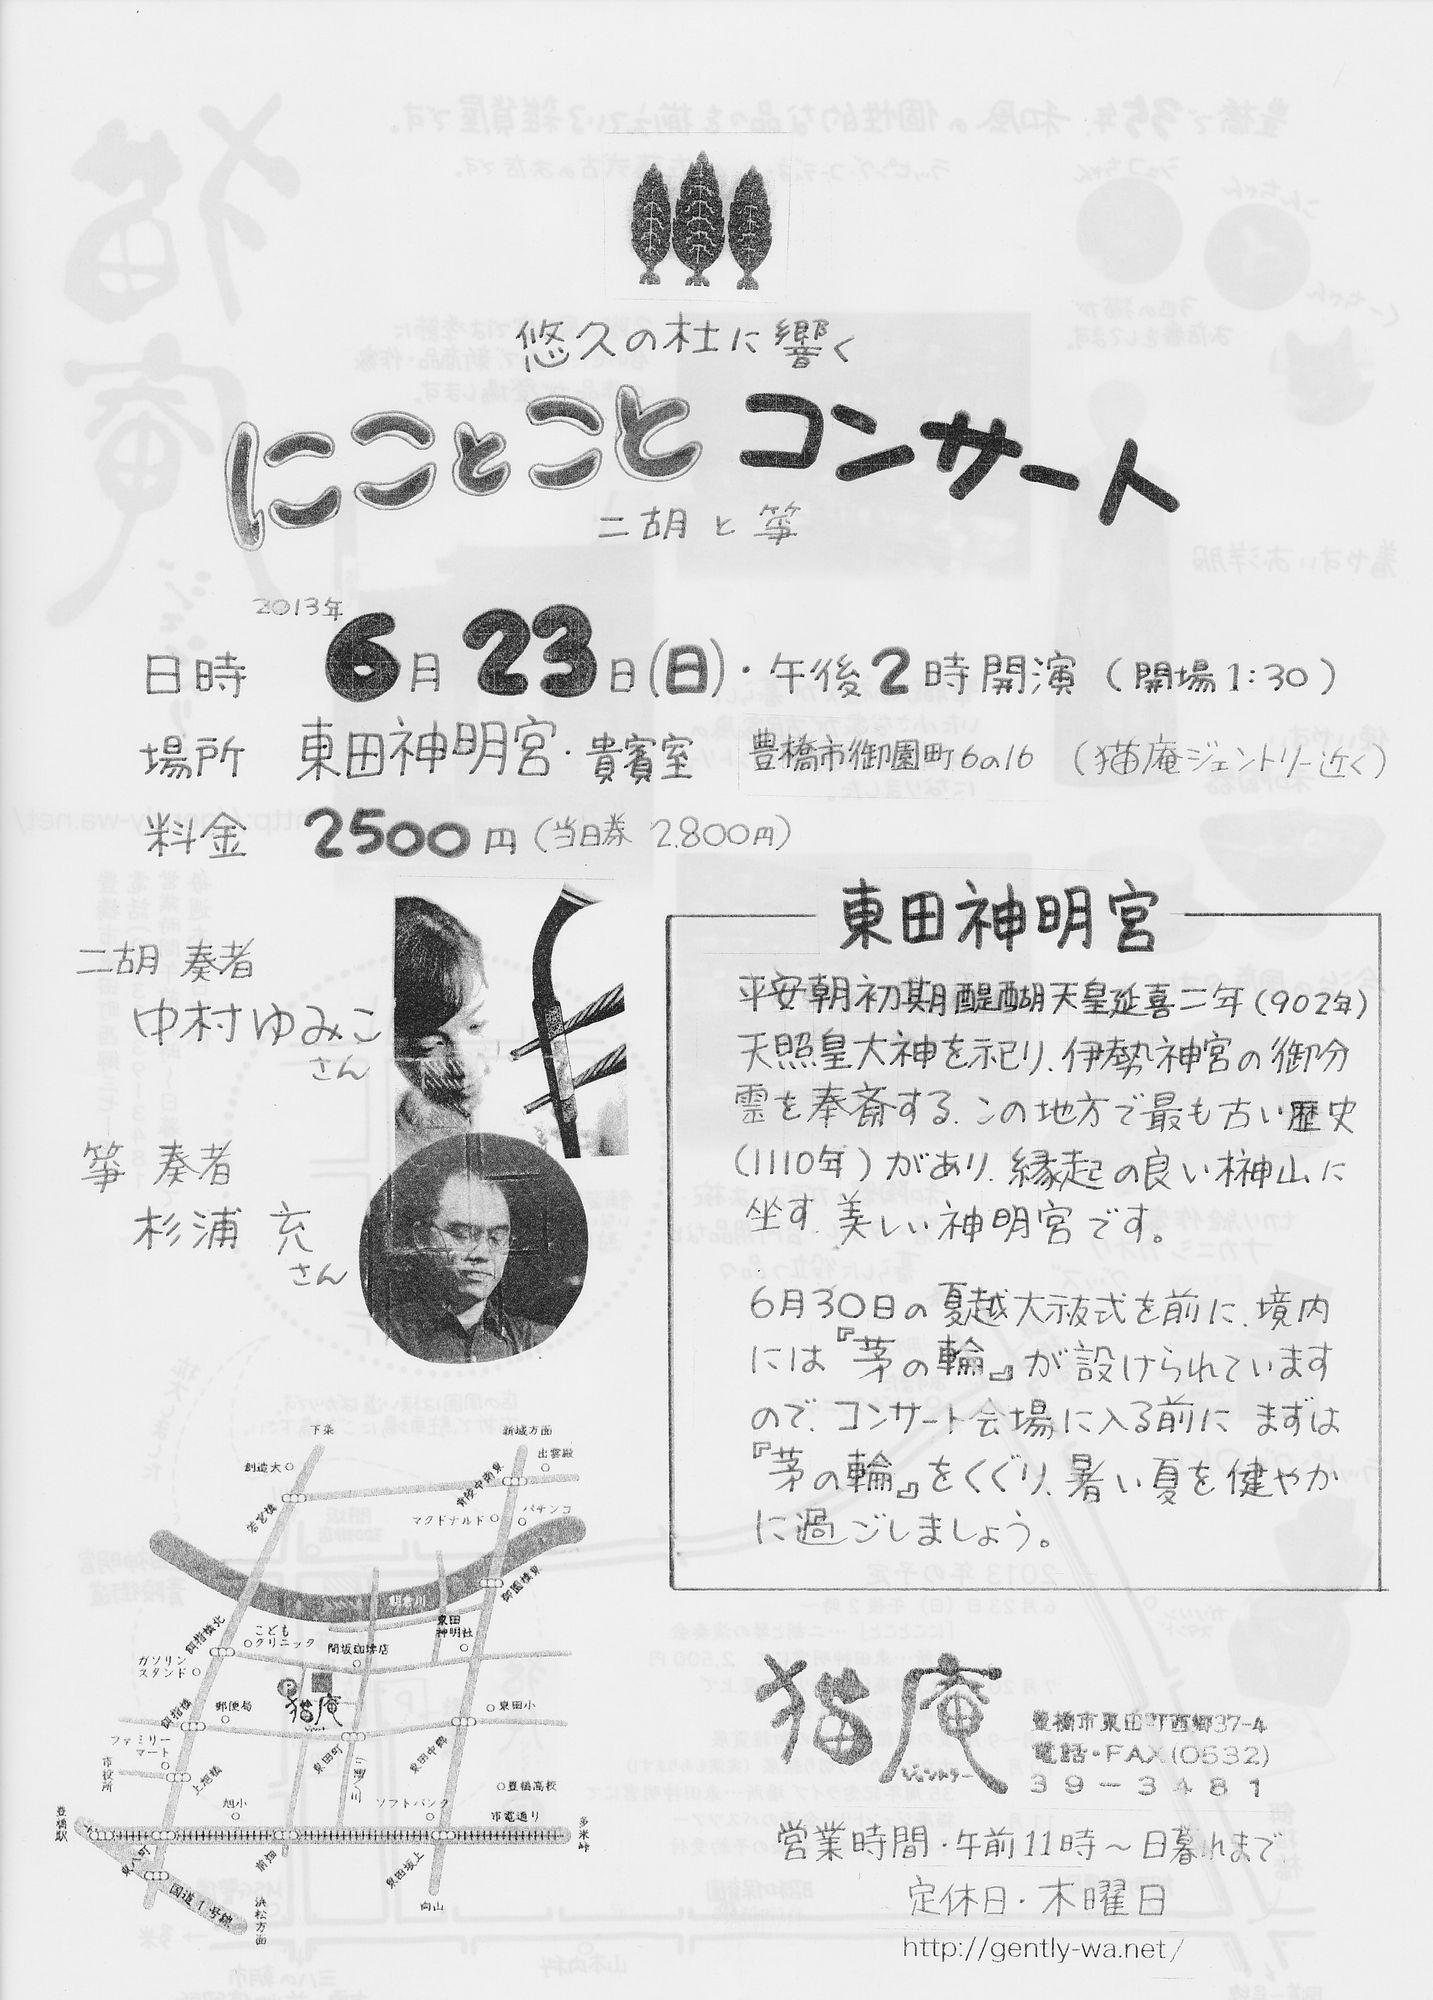 にことこと(二胡と筝)コンサートのお知らせ_c0234975_8322416.jpg